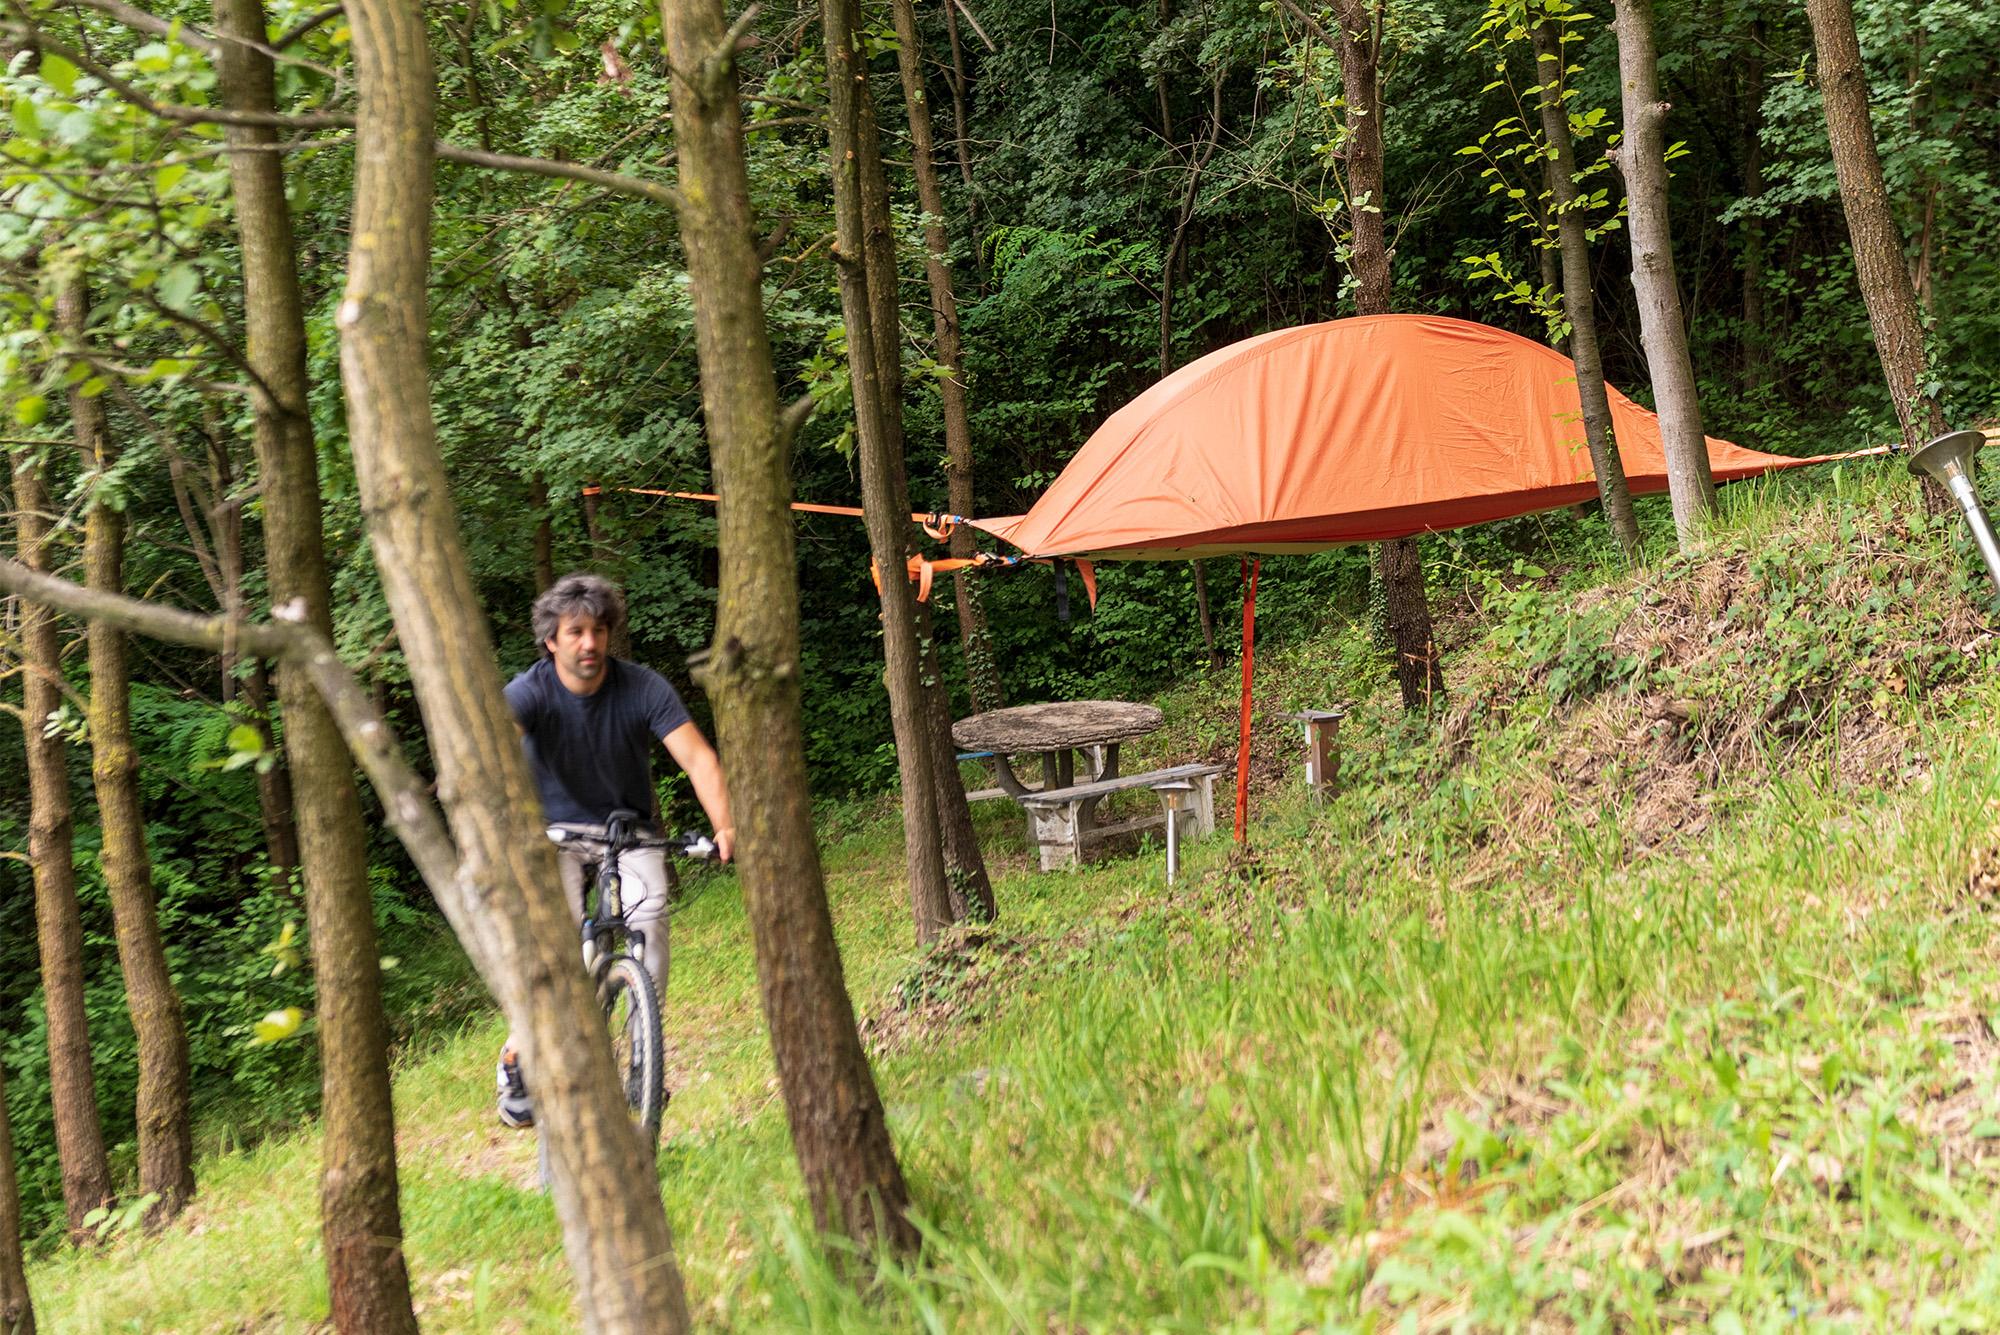 Agriturismo Parco del Grep - Monferrato, Piemonte - Tenda sugli alberi